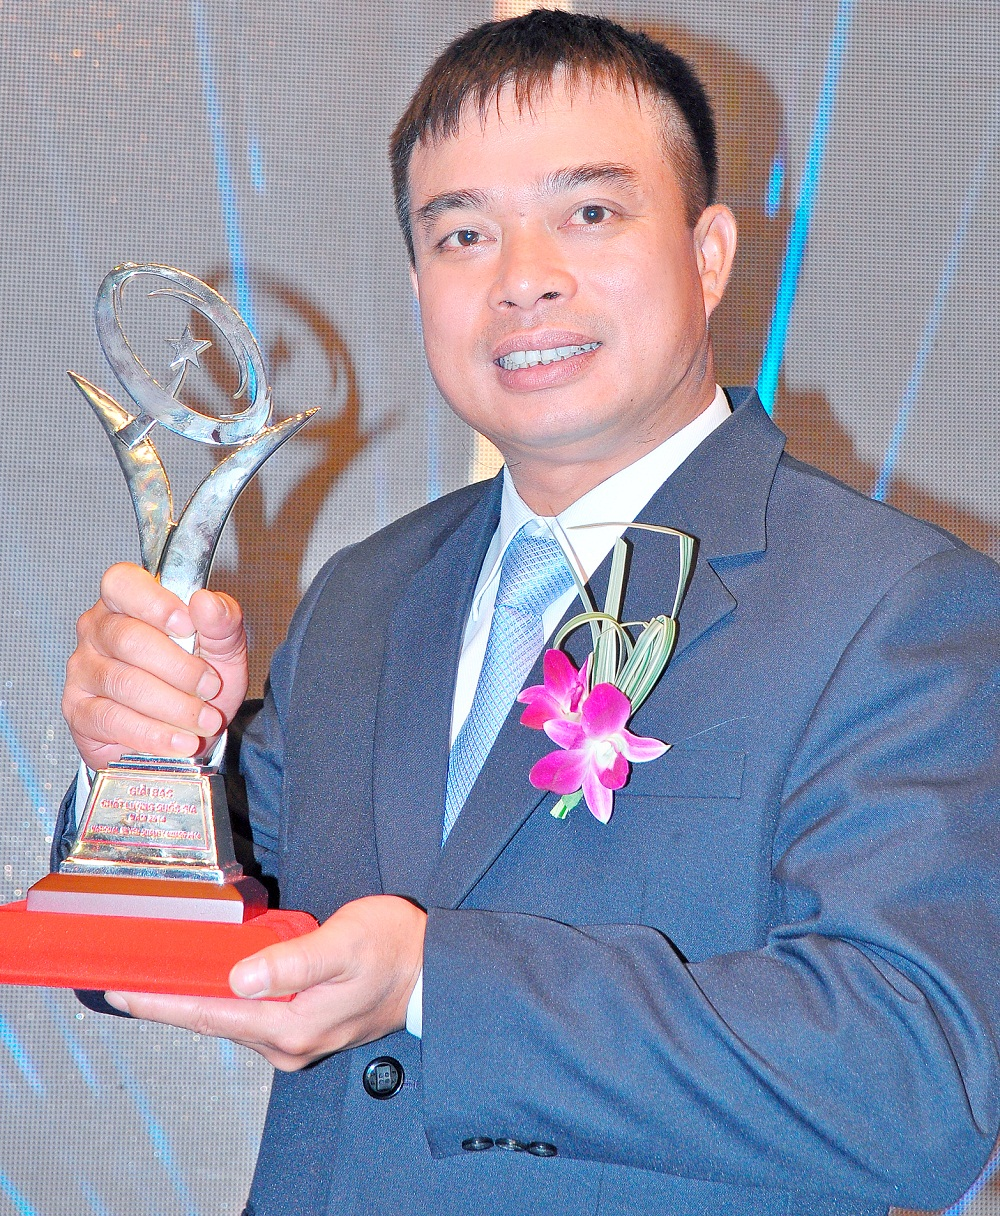 ông Nguyễn Hải Long - Giám đốc Công ty CP Cơ khí Mạo Khê - Vinacomin